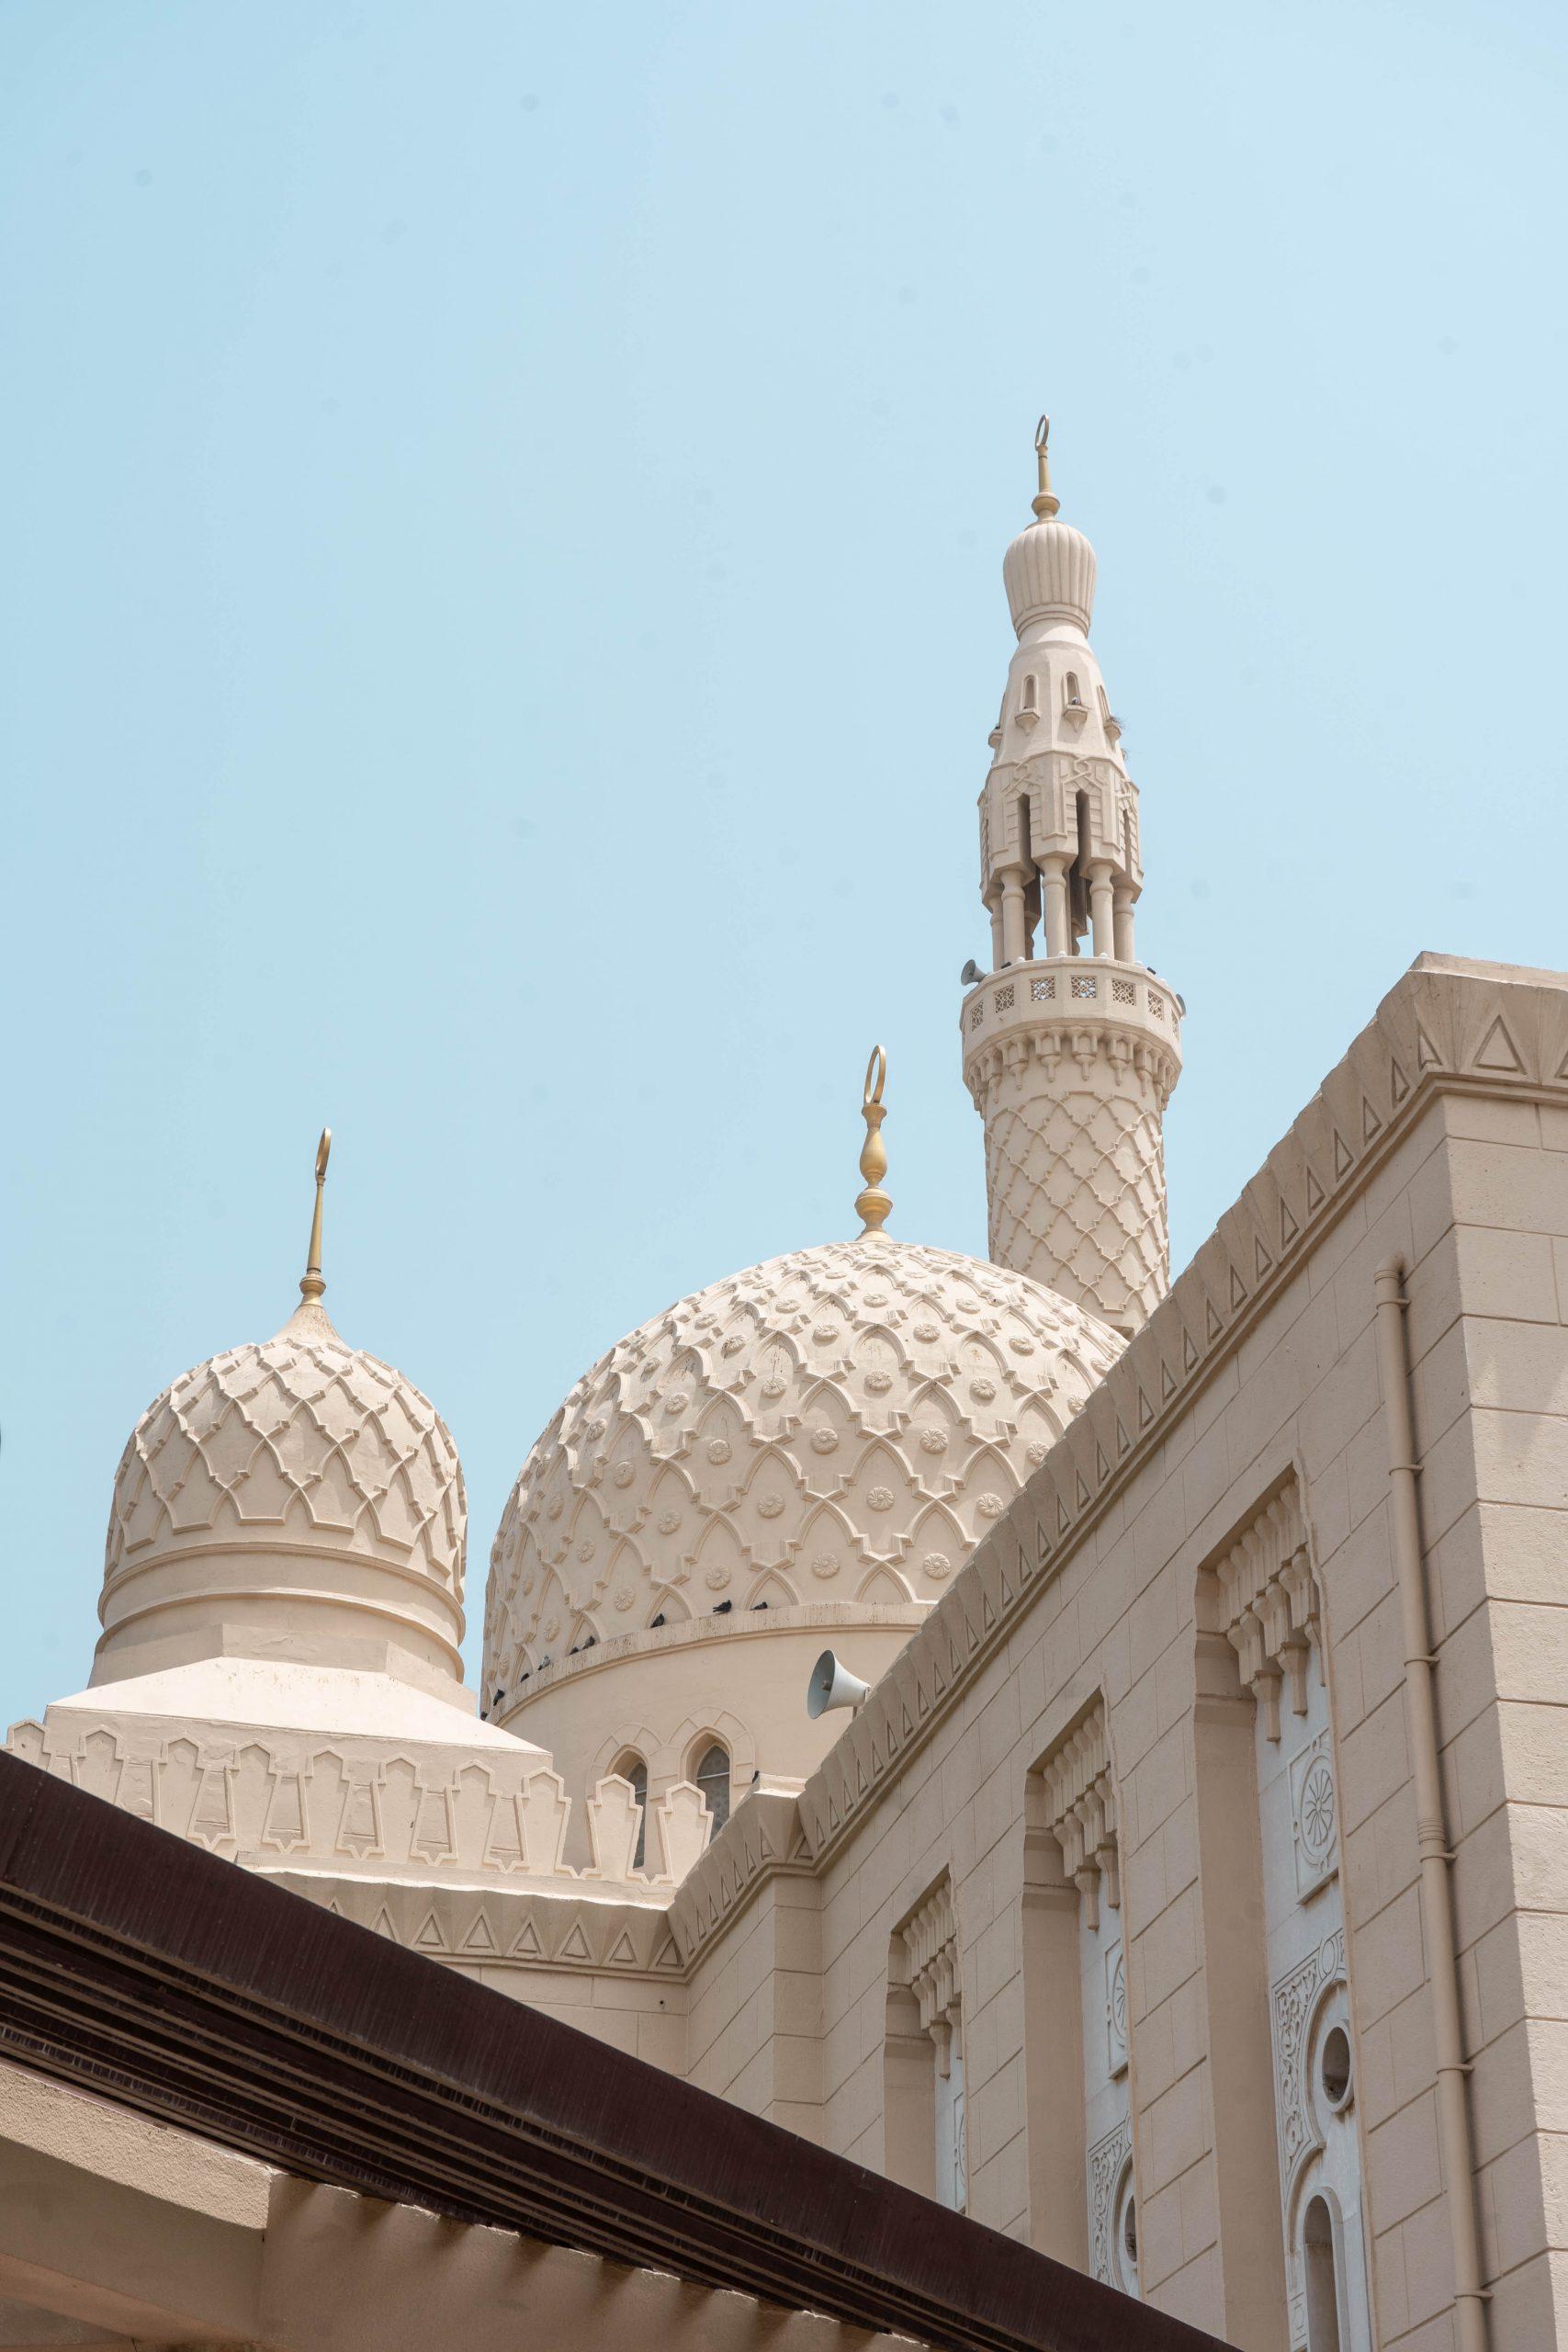 mosque domes minaret islamic architecture fatimid